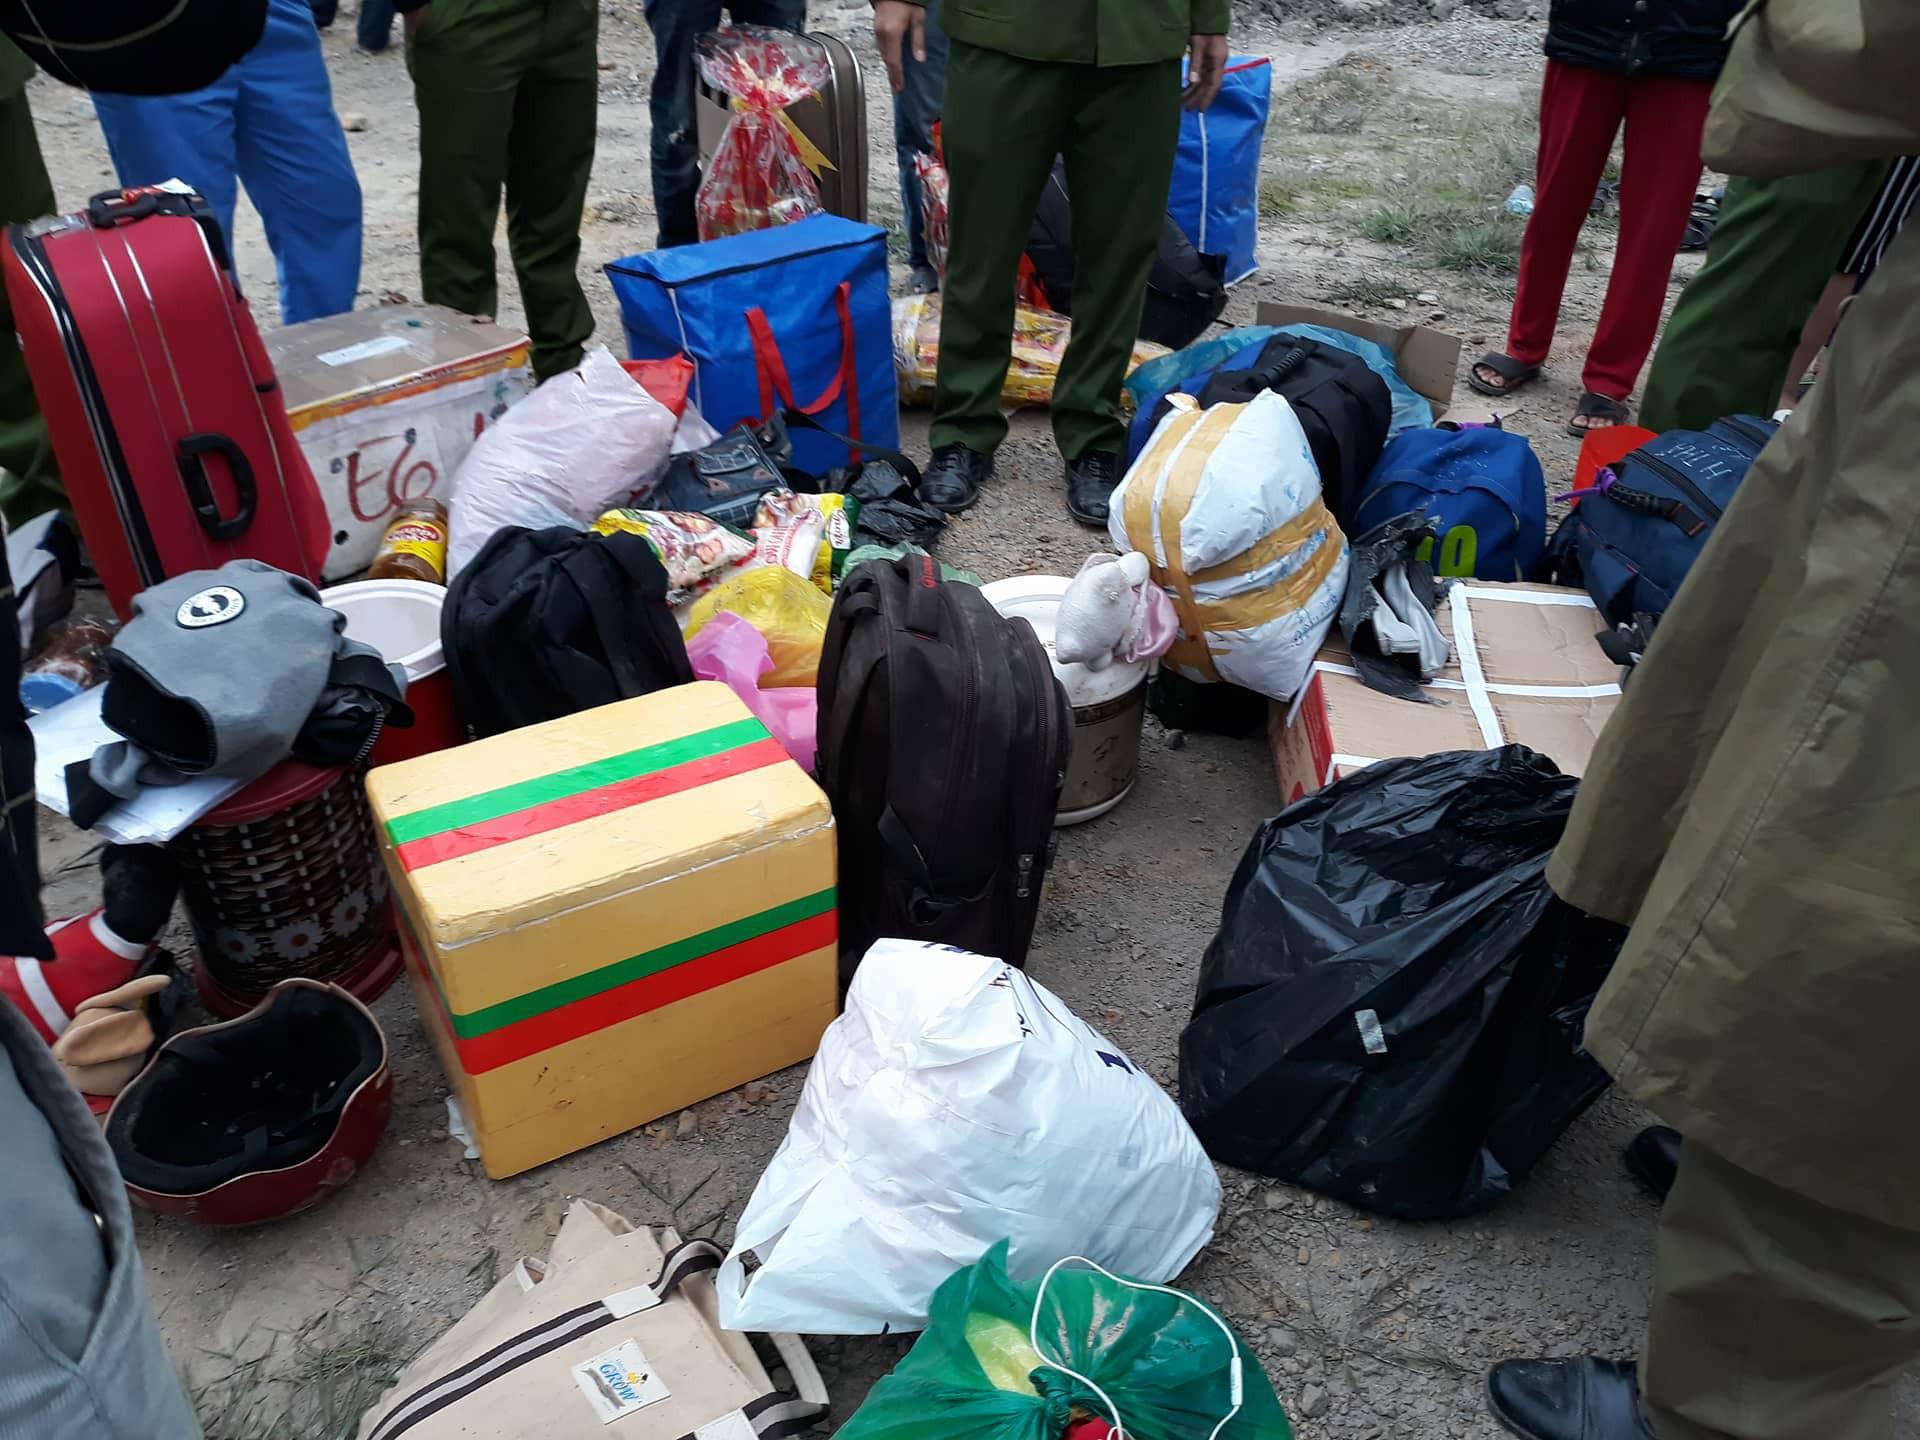 Chùm ảnh: Hiện trường vụ lật xe kinh hoàng ngày giáp Tết khiến 2 người chết, 11 người bị thương ở Đà Nẵng - Ảnh 6.